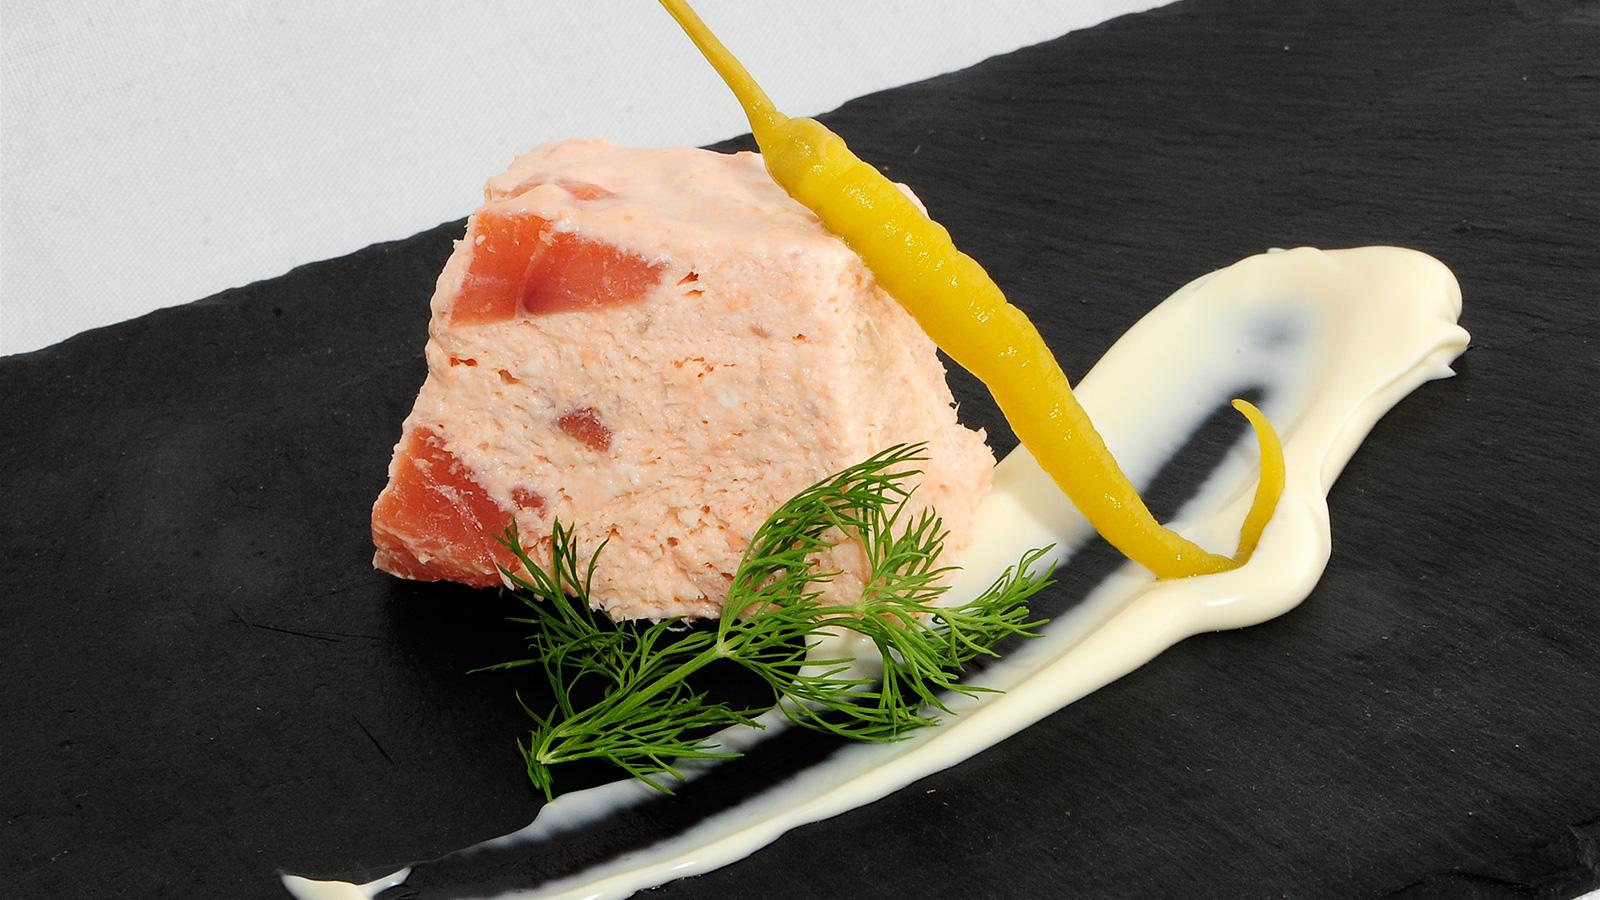 Mousse de fiesta con salm n sergio fern ndez receta for Cocineros de canal cocina